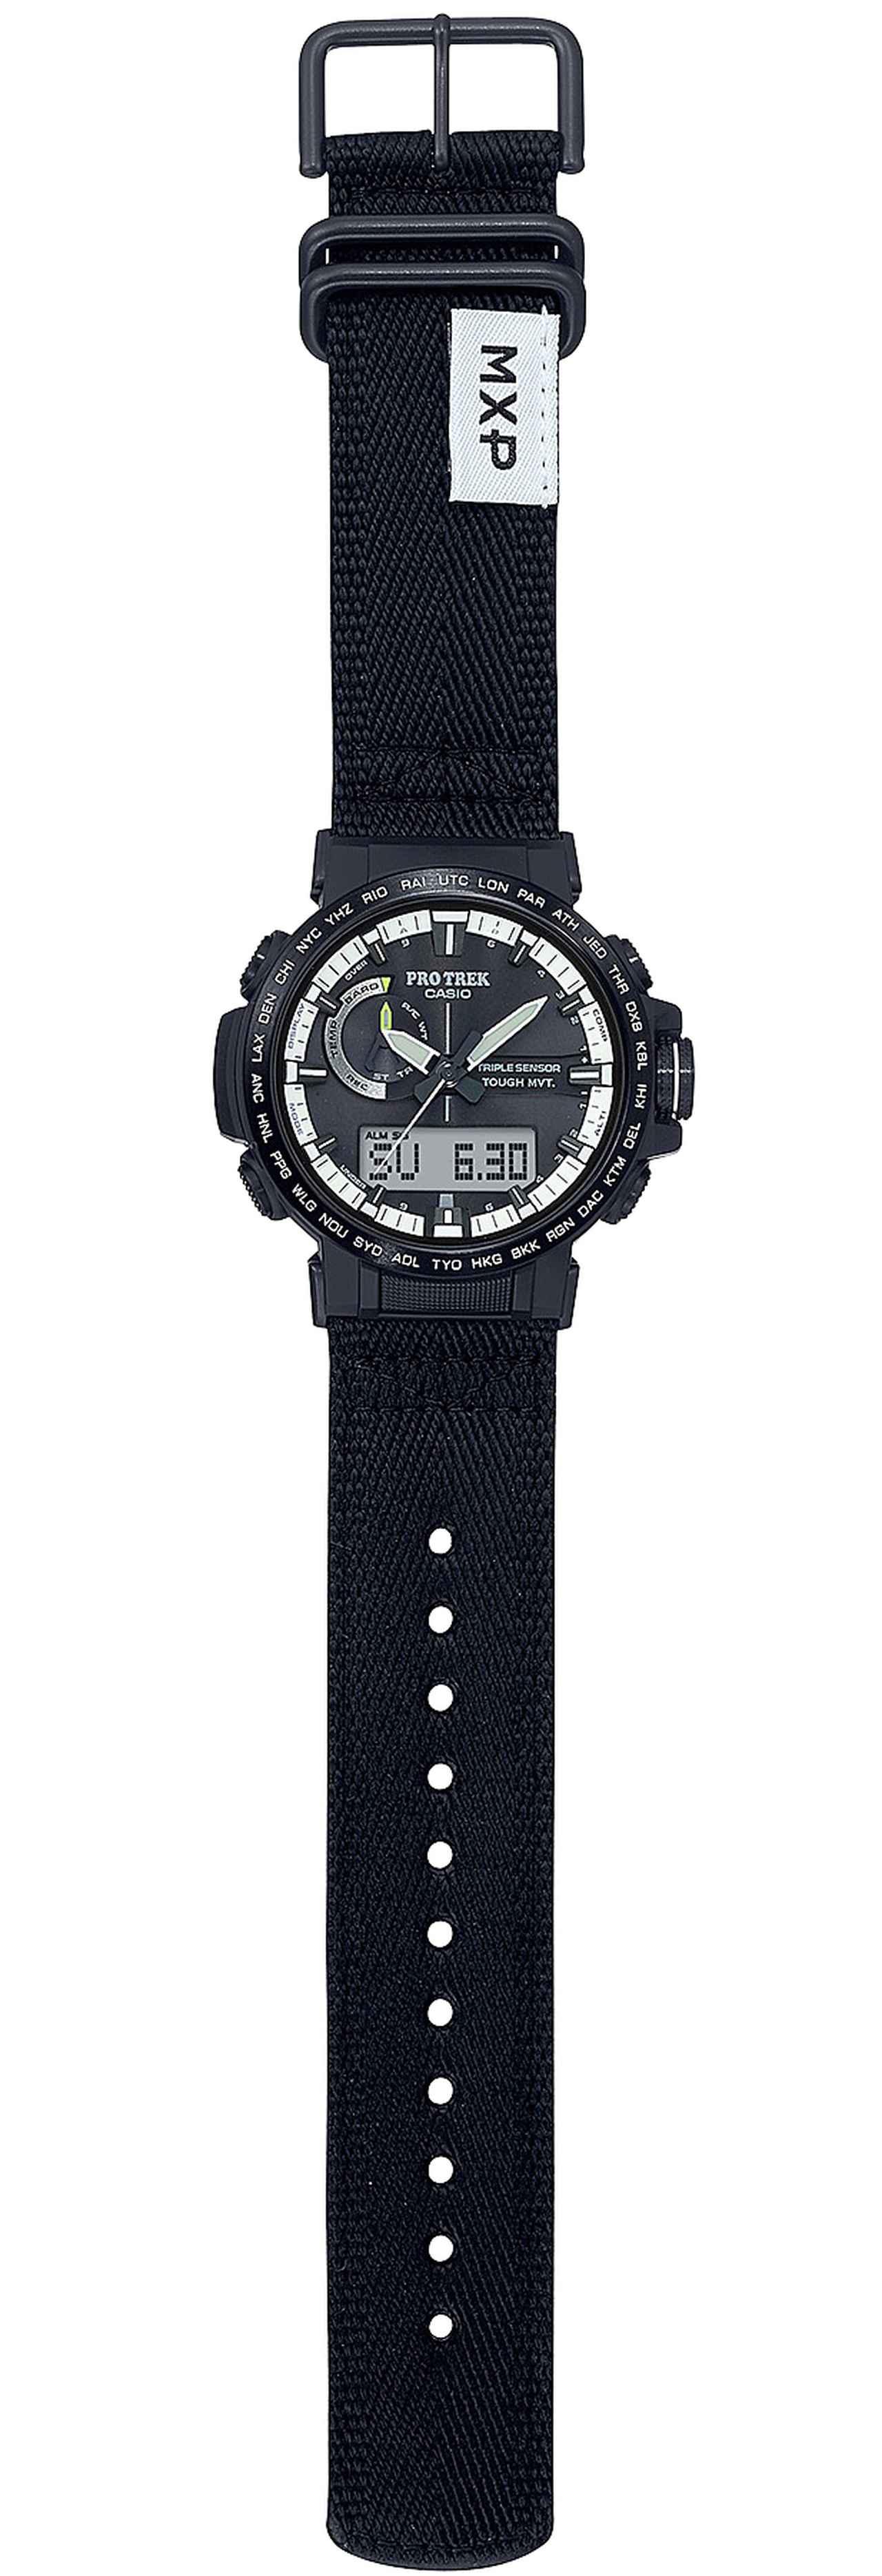 画像: 【腕時計】消臭効果のある新開発バンドを採用! プロトレックのニューモデル「RW-60YBM」がこの10月発売開始